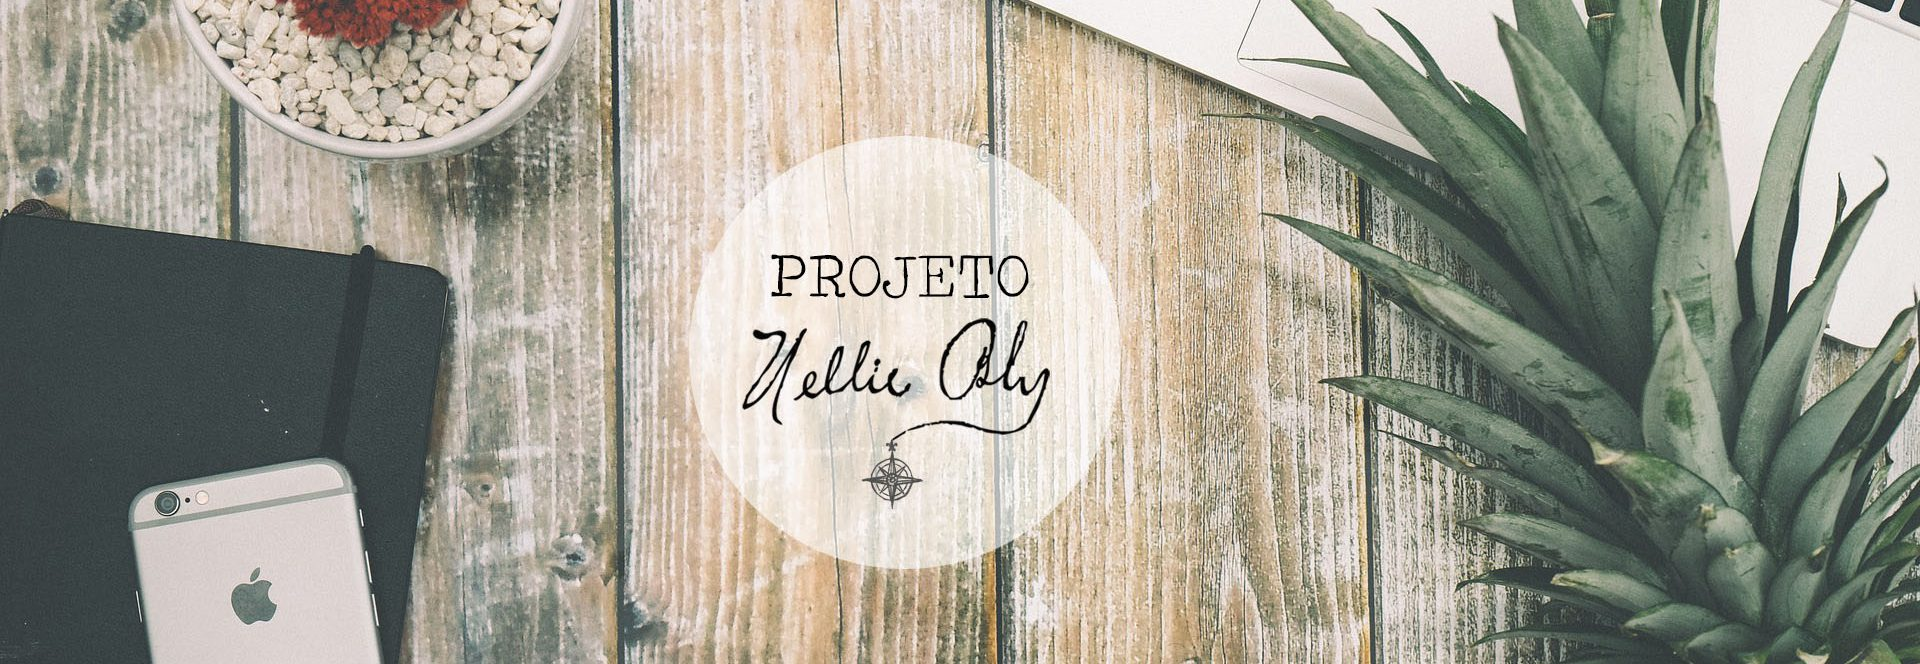 Projeto Nellie Bly